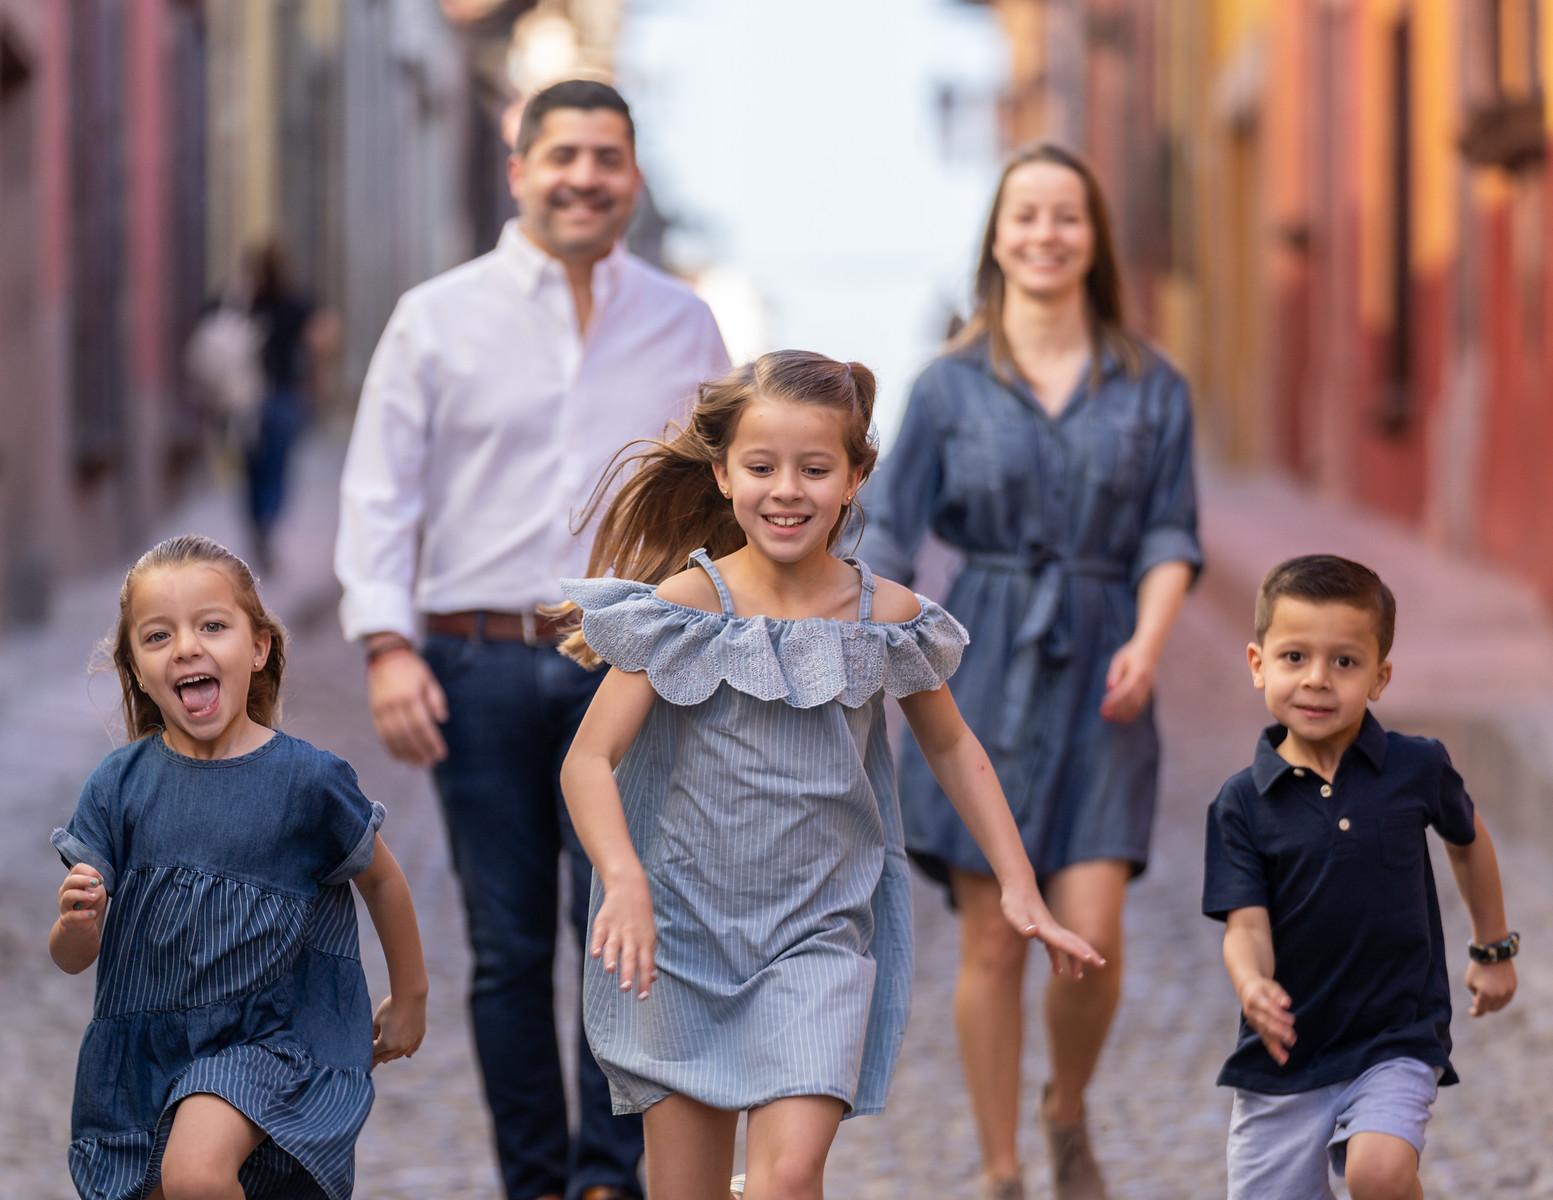 Sesion de Fotos Familiar en San Miguel de Allende con Jimena y su Familia-25.jpg